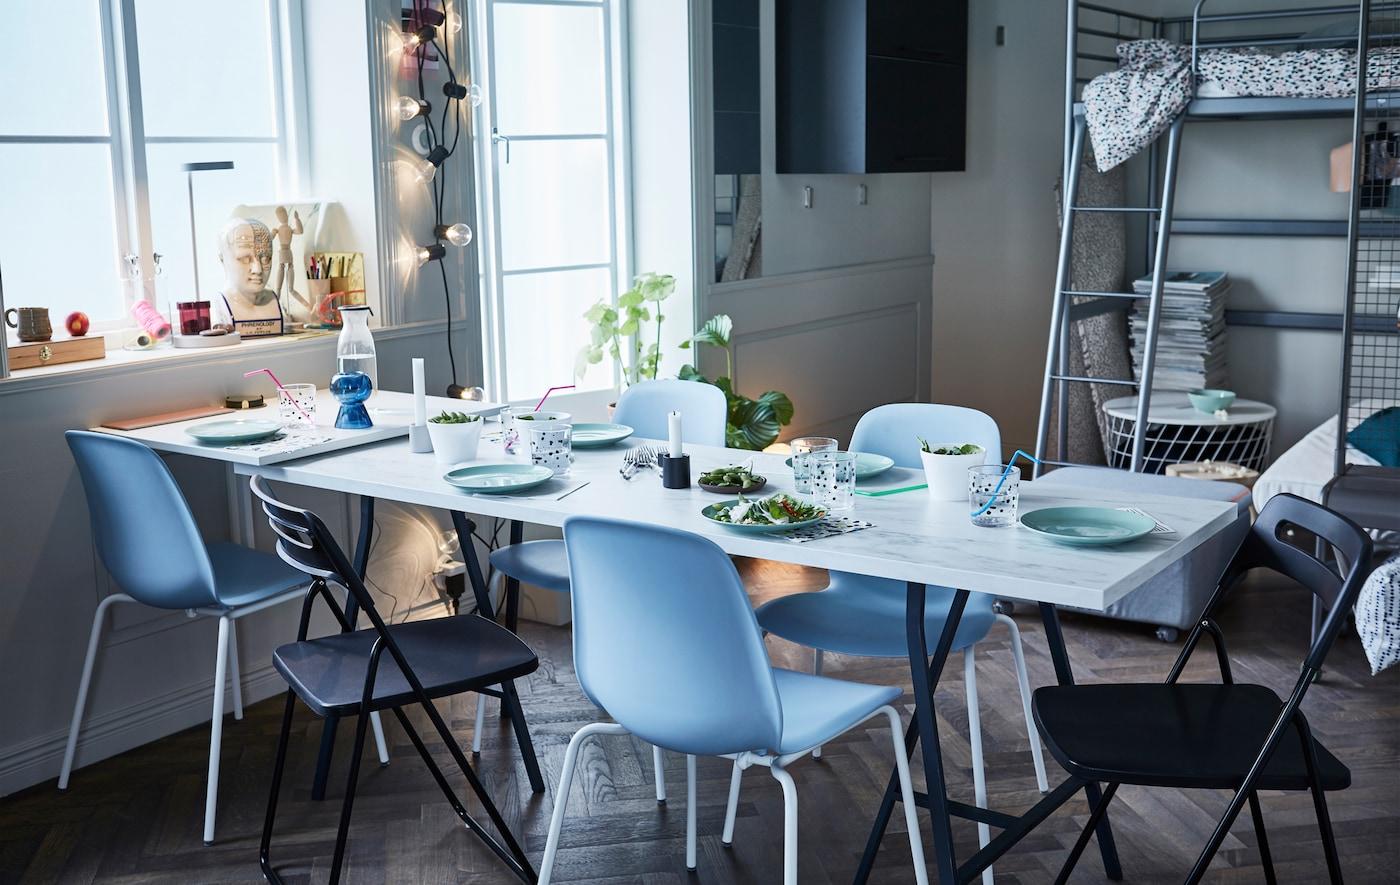 Una encimera EKBACKEN con efecto de mármol blanco usada como mesa improvisada rodeada de sillas apilables y plegables.